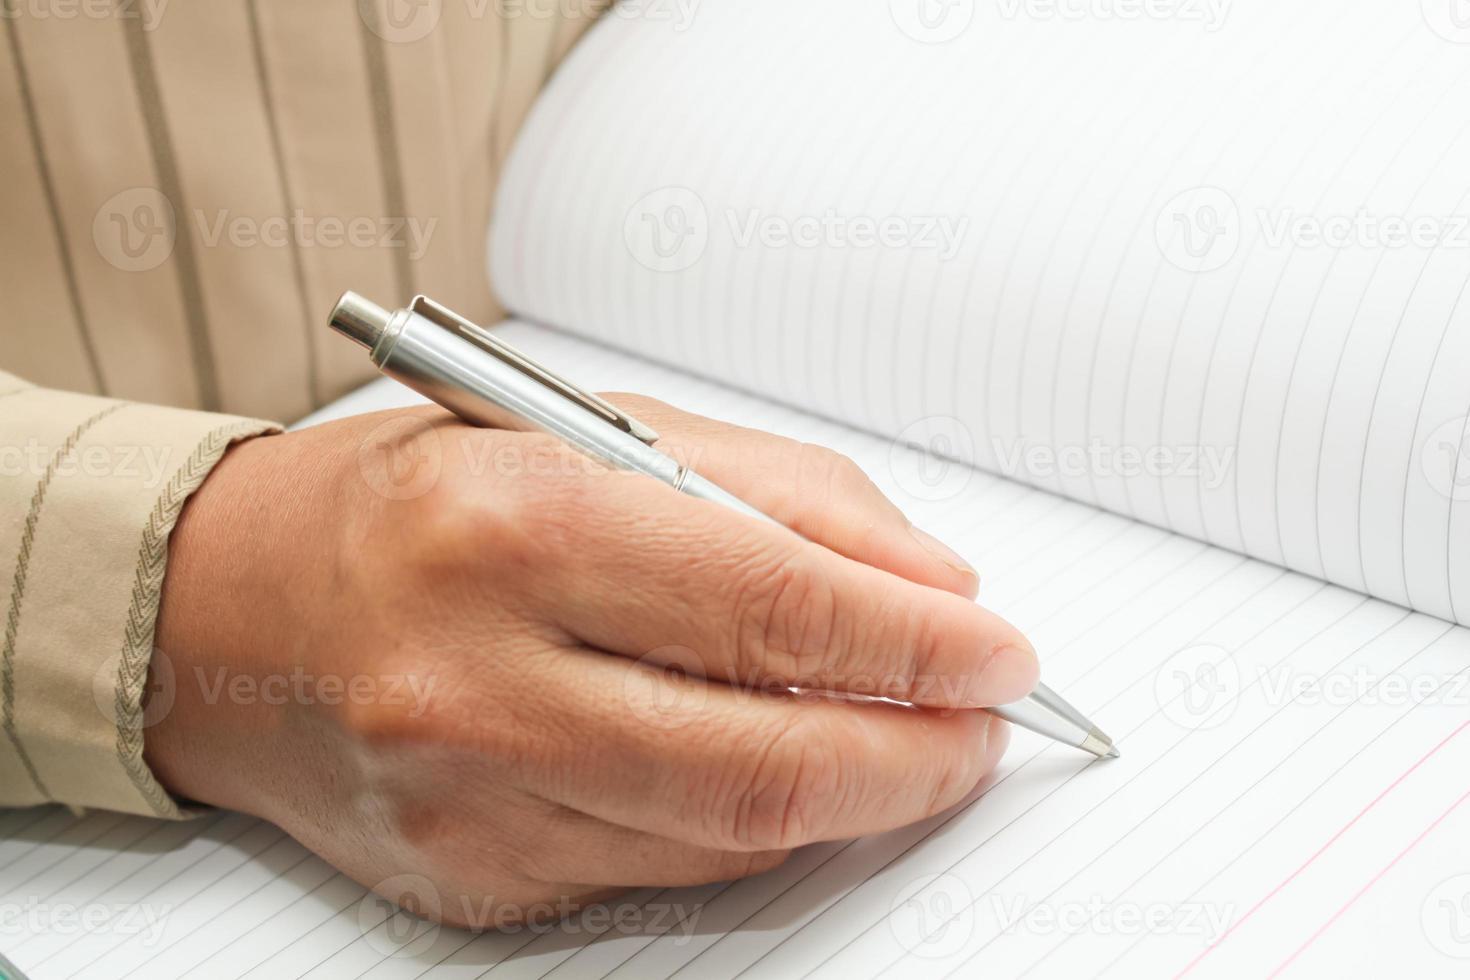 macht eine Notiz im Notizbuch. foto